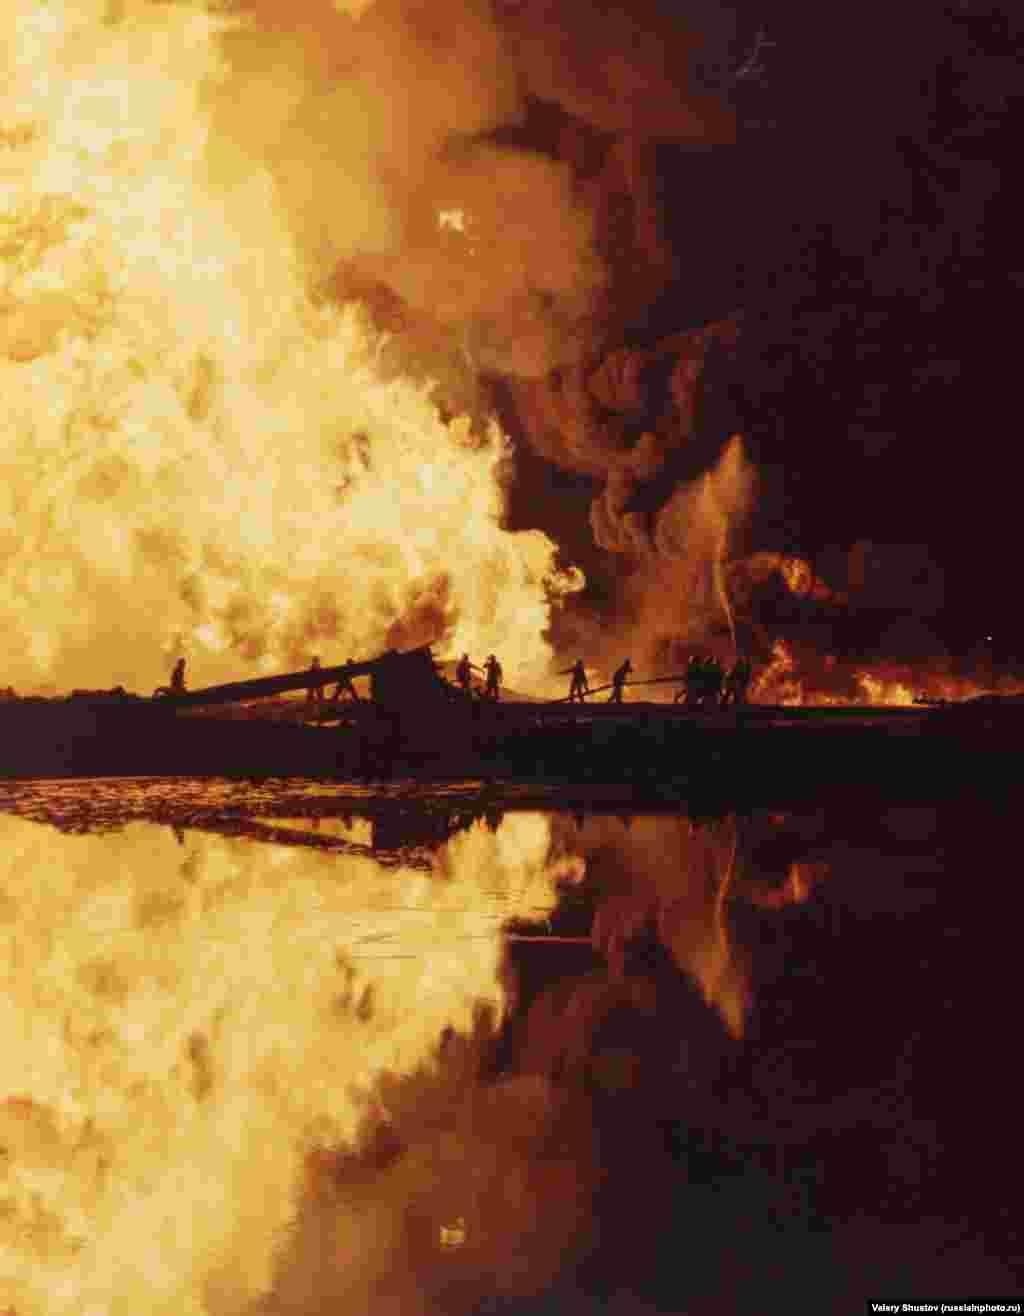 Спасатели тушат пожар на богатом нефтью Каспийском побережье, 1980 год